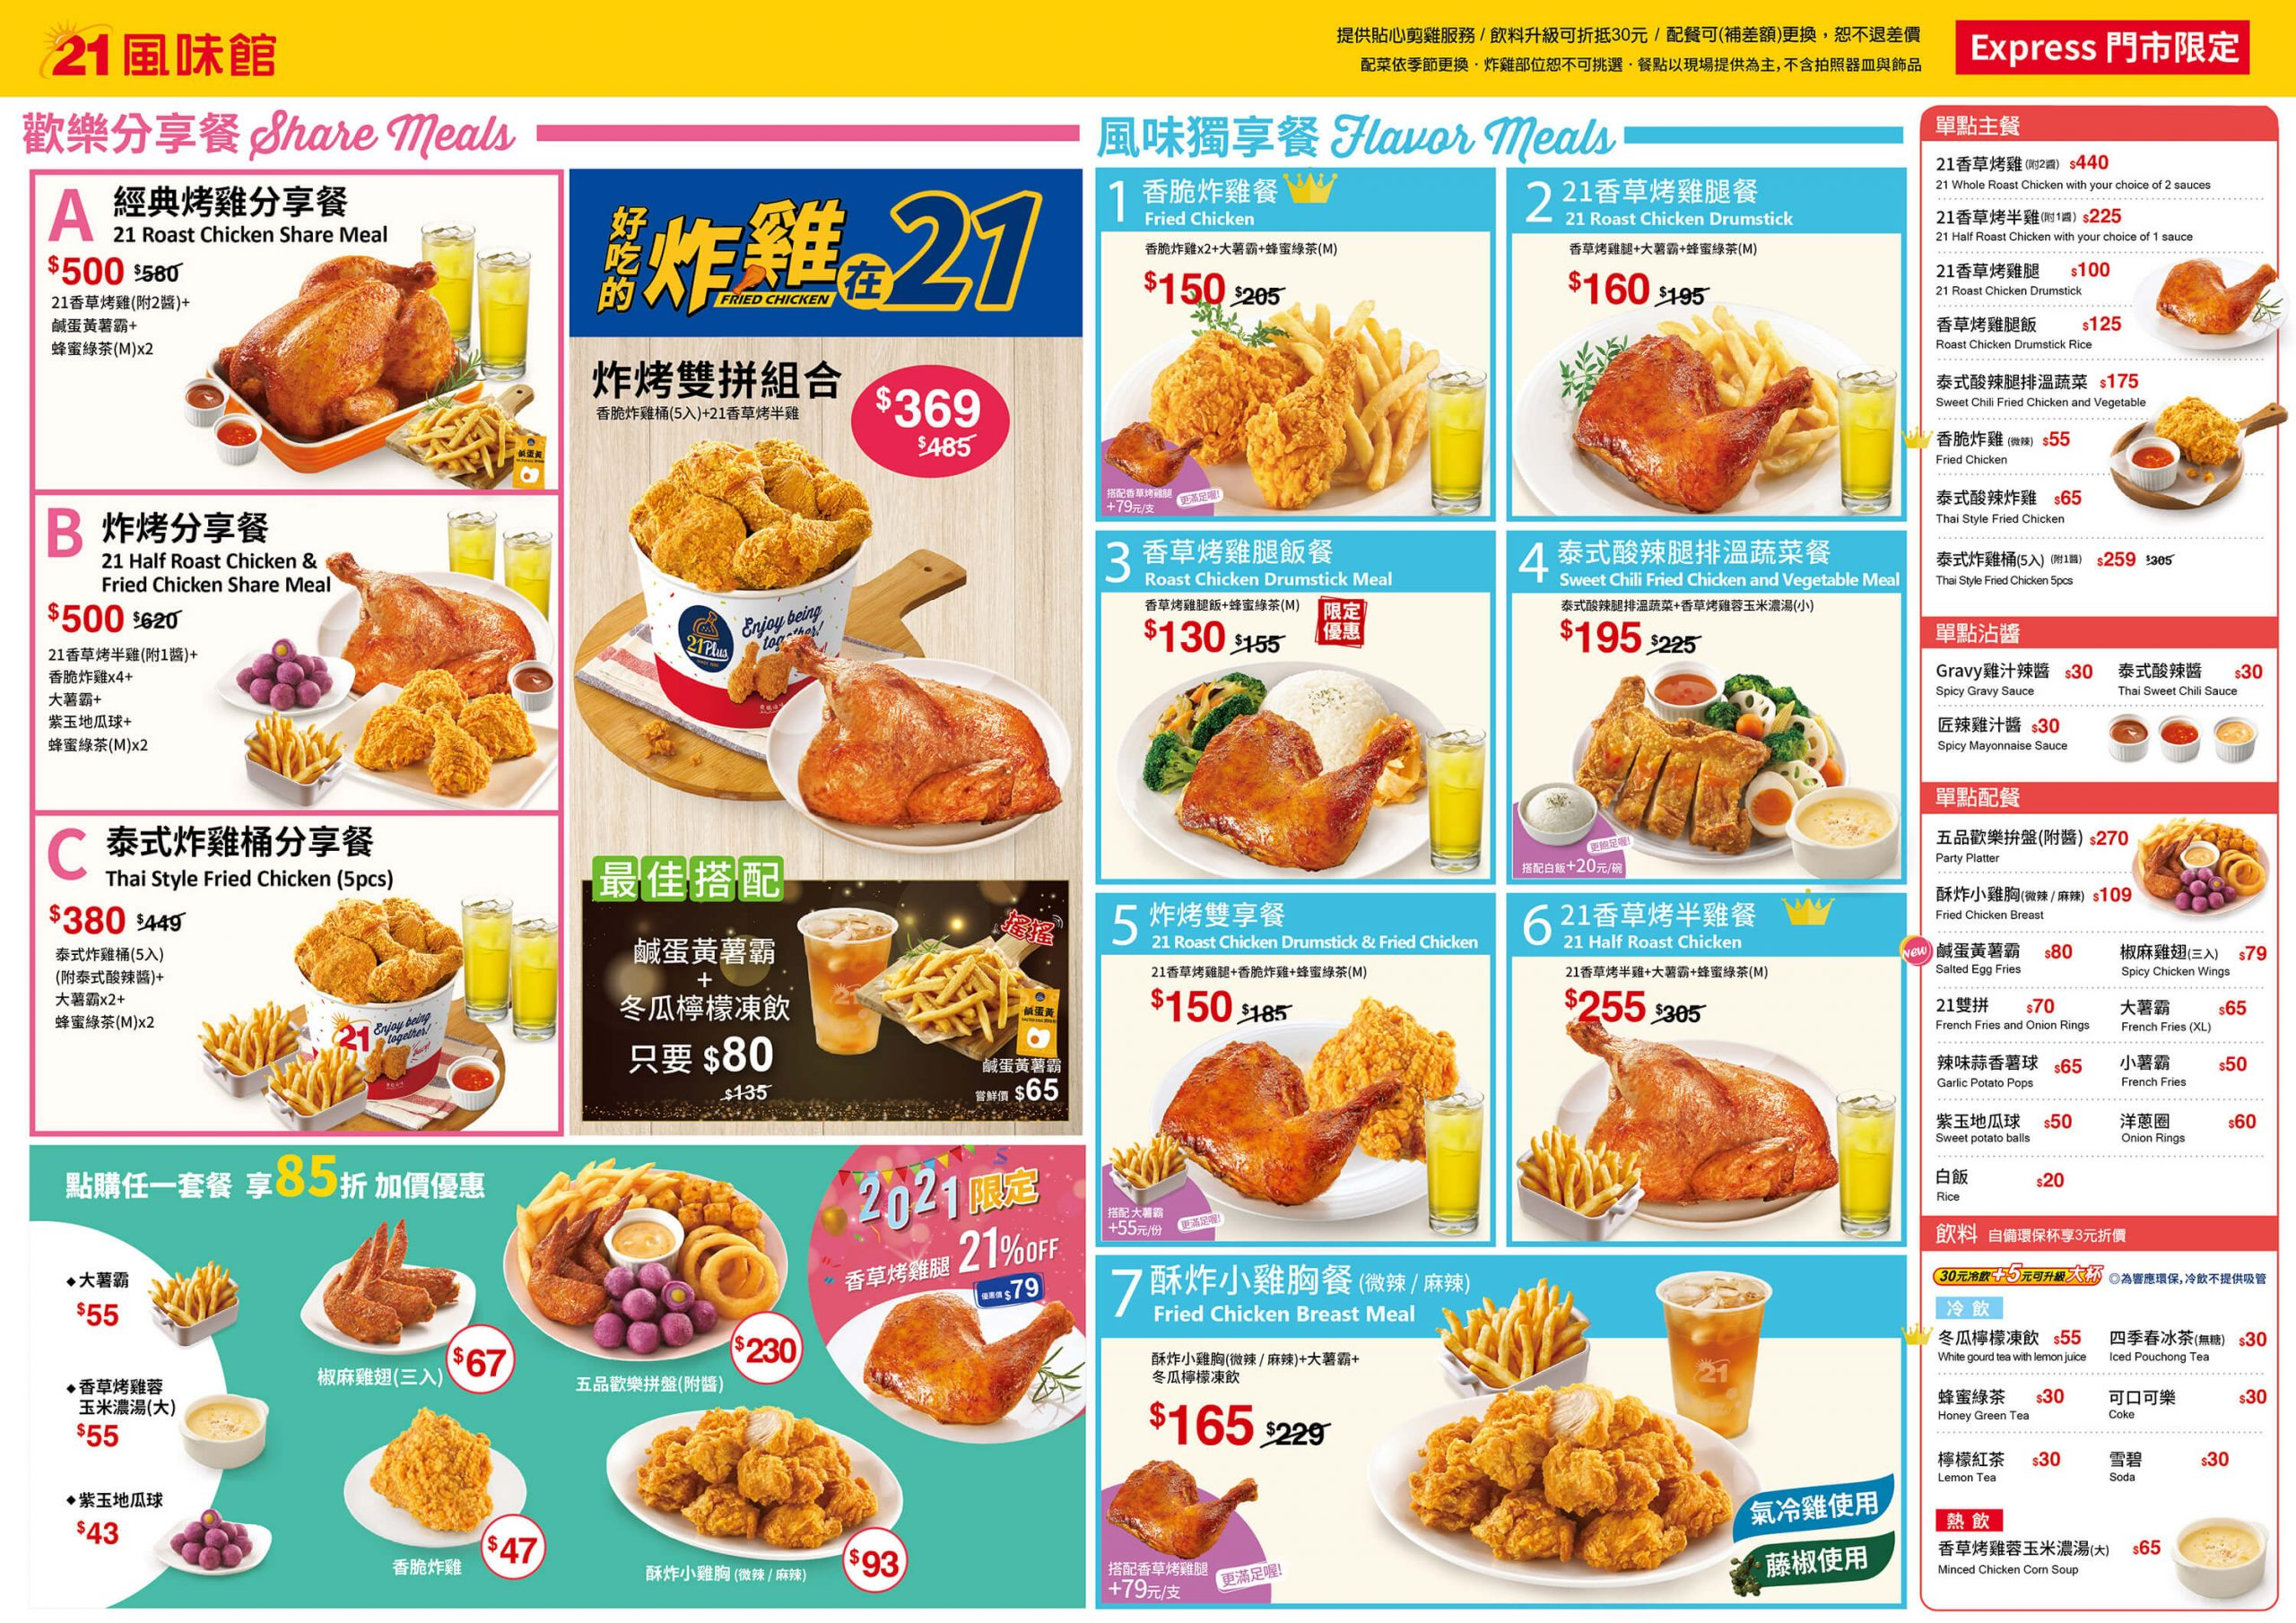 21風味館微型門市限定菜單MENU